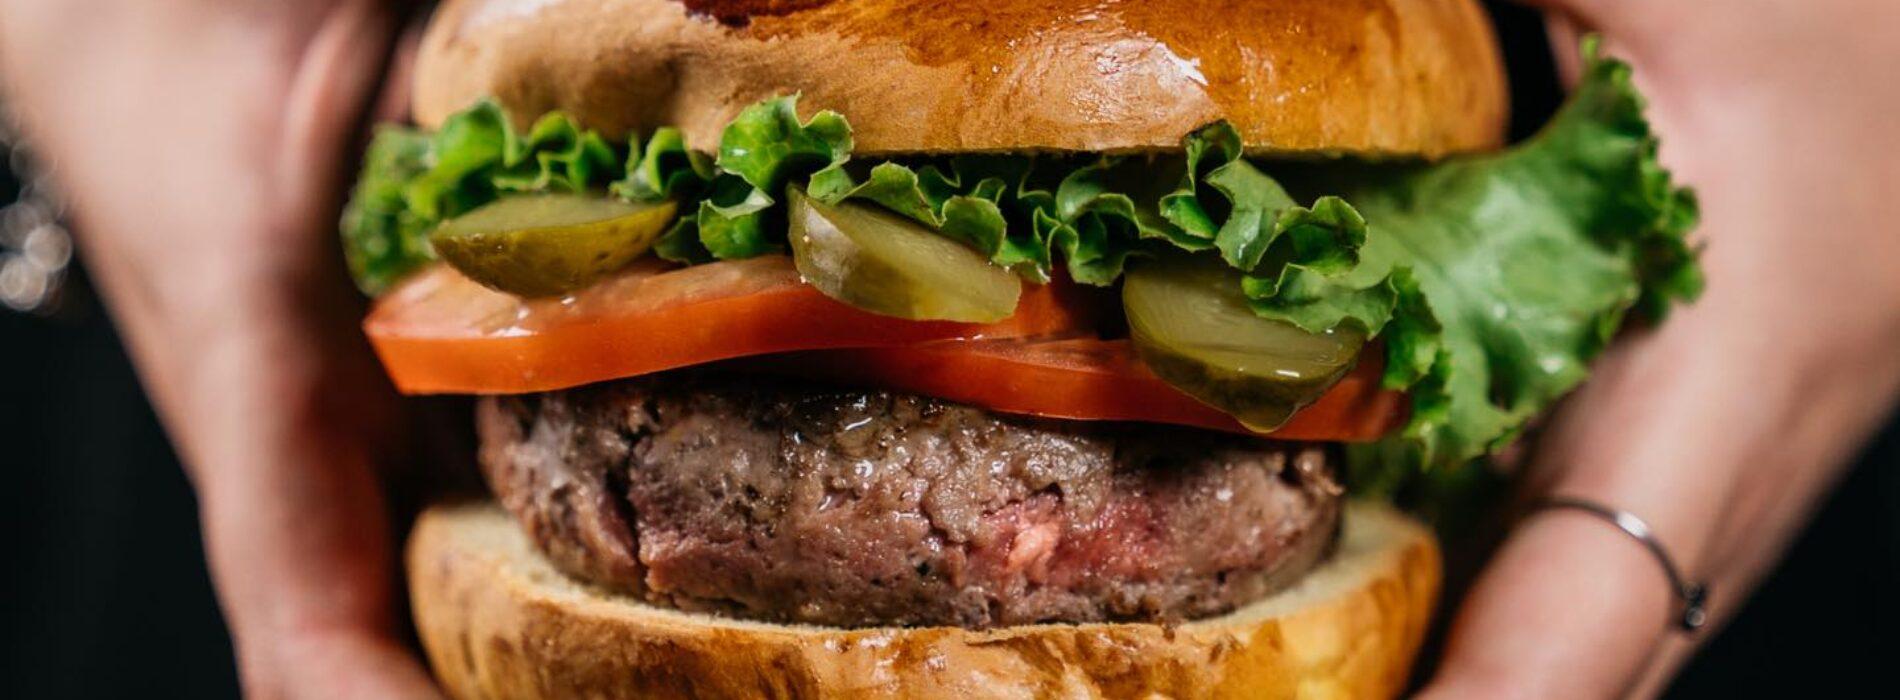 Hamburger a domicilio a Milano, i migliori da ordinare delivery e take away